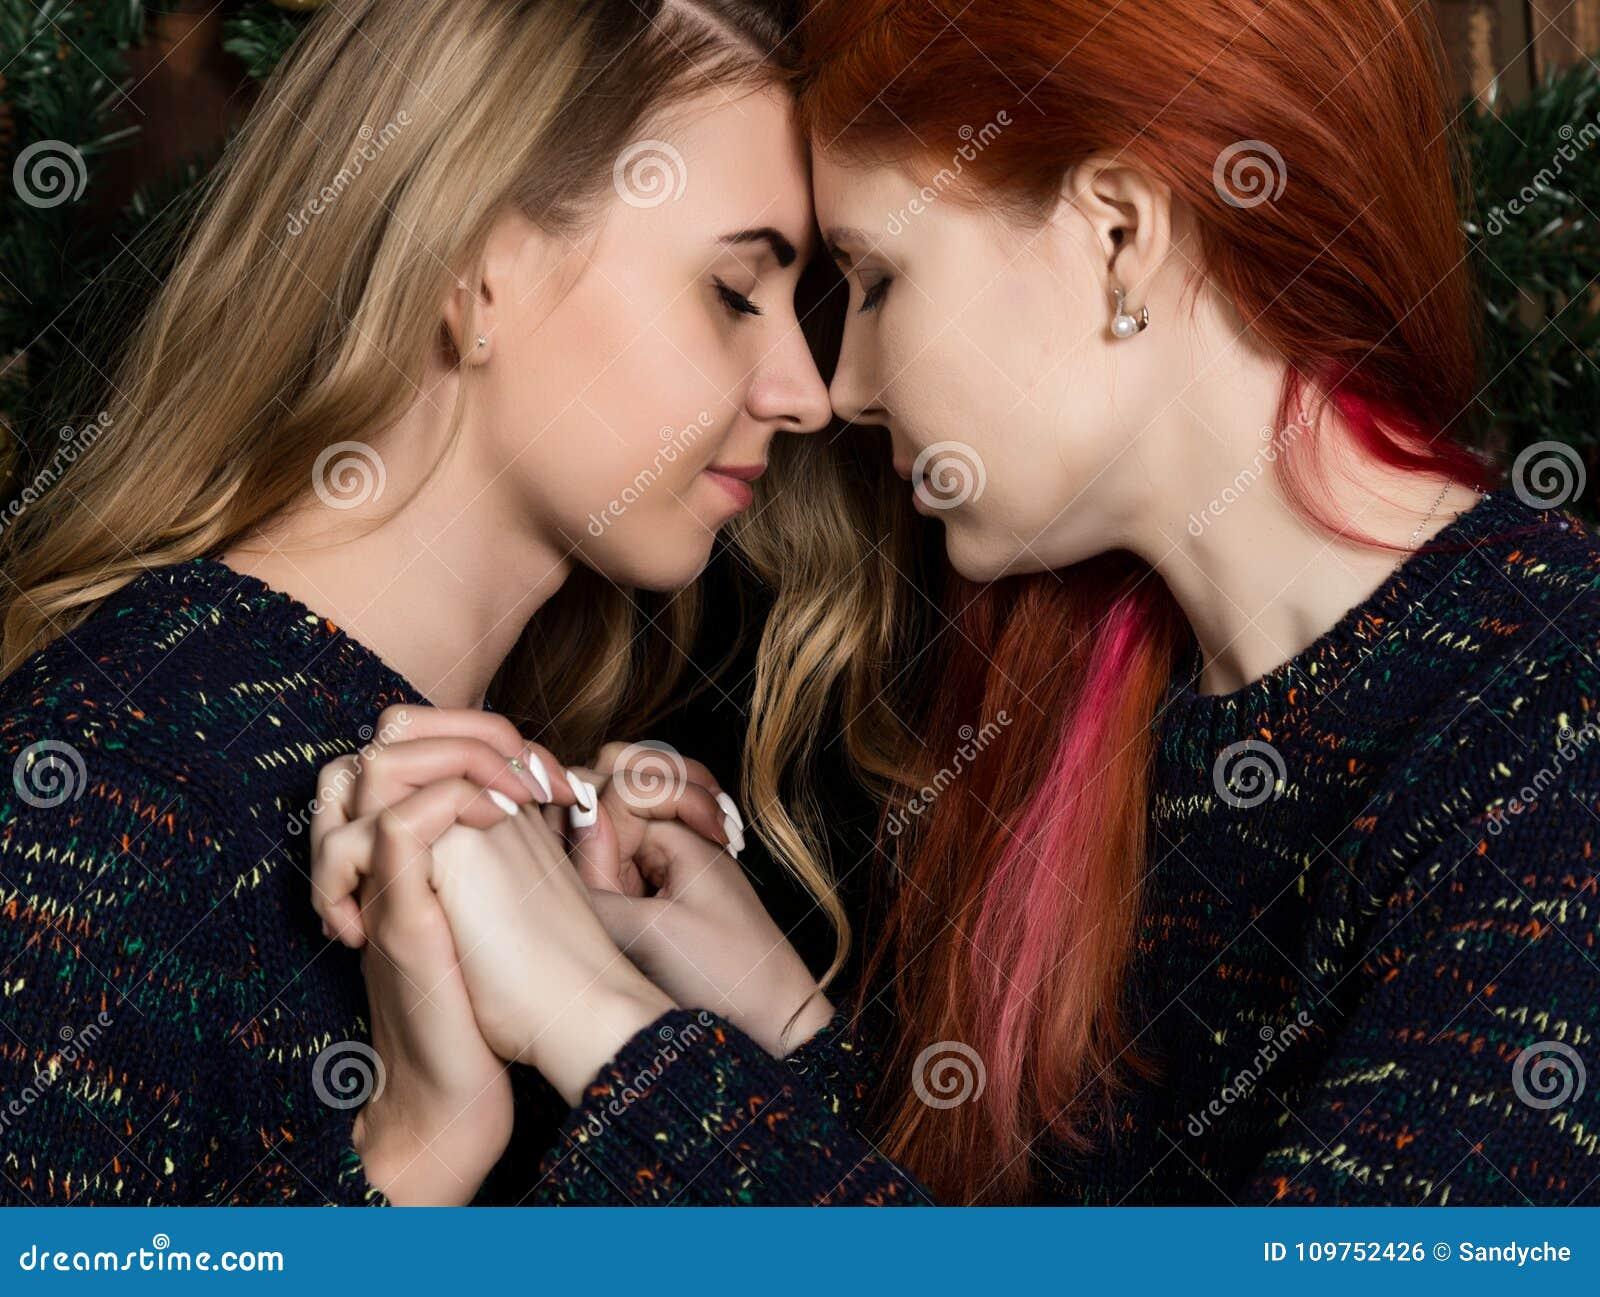 nero lesbiche in pubblico